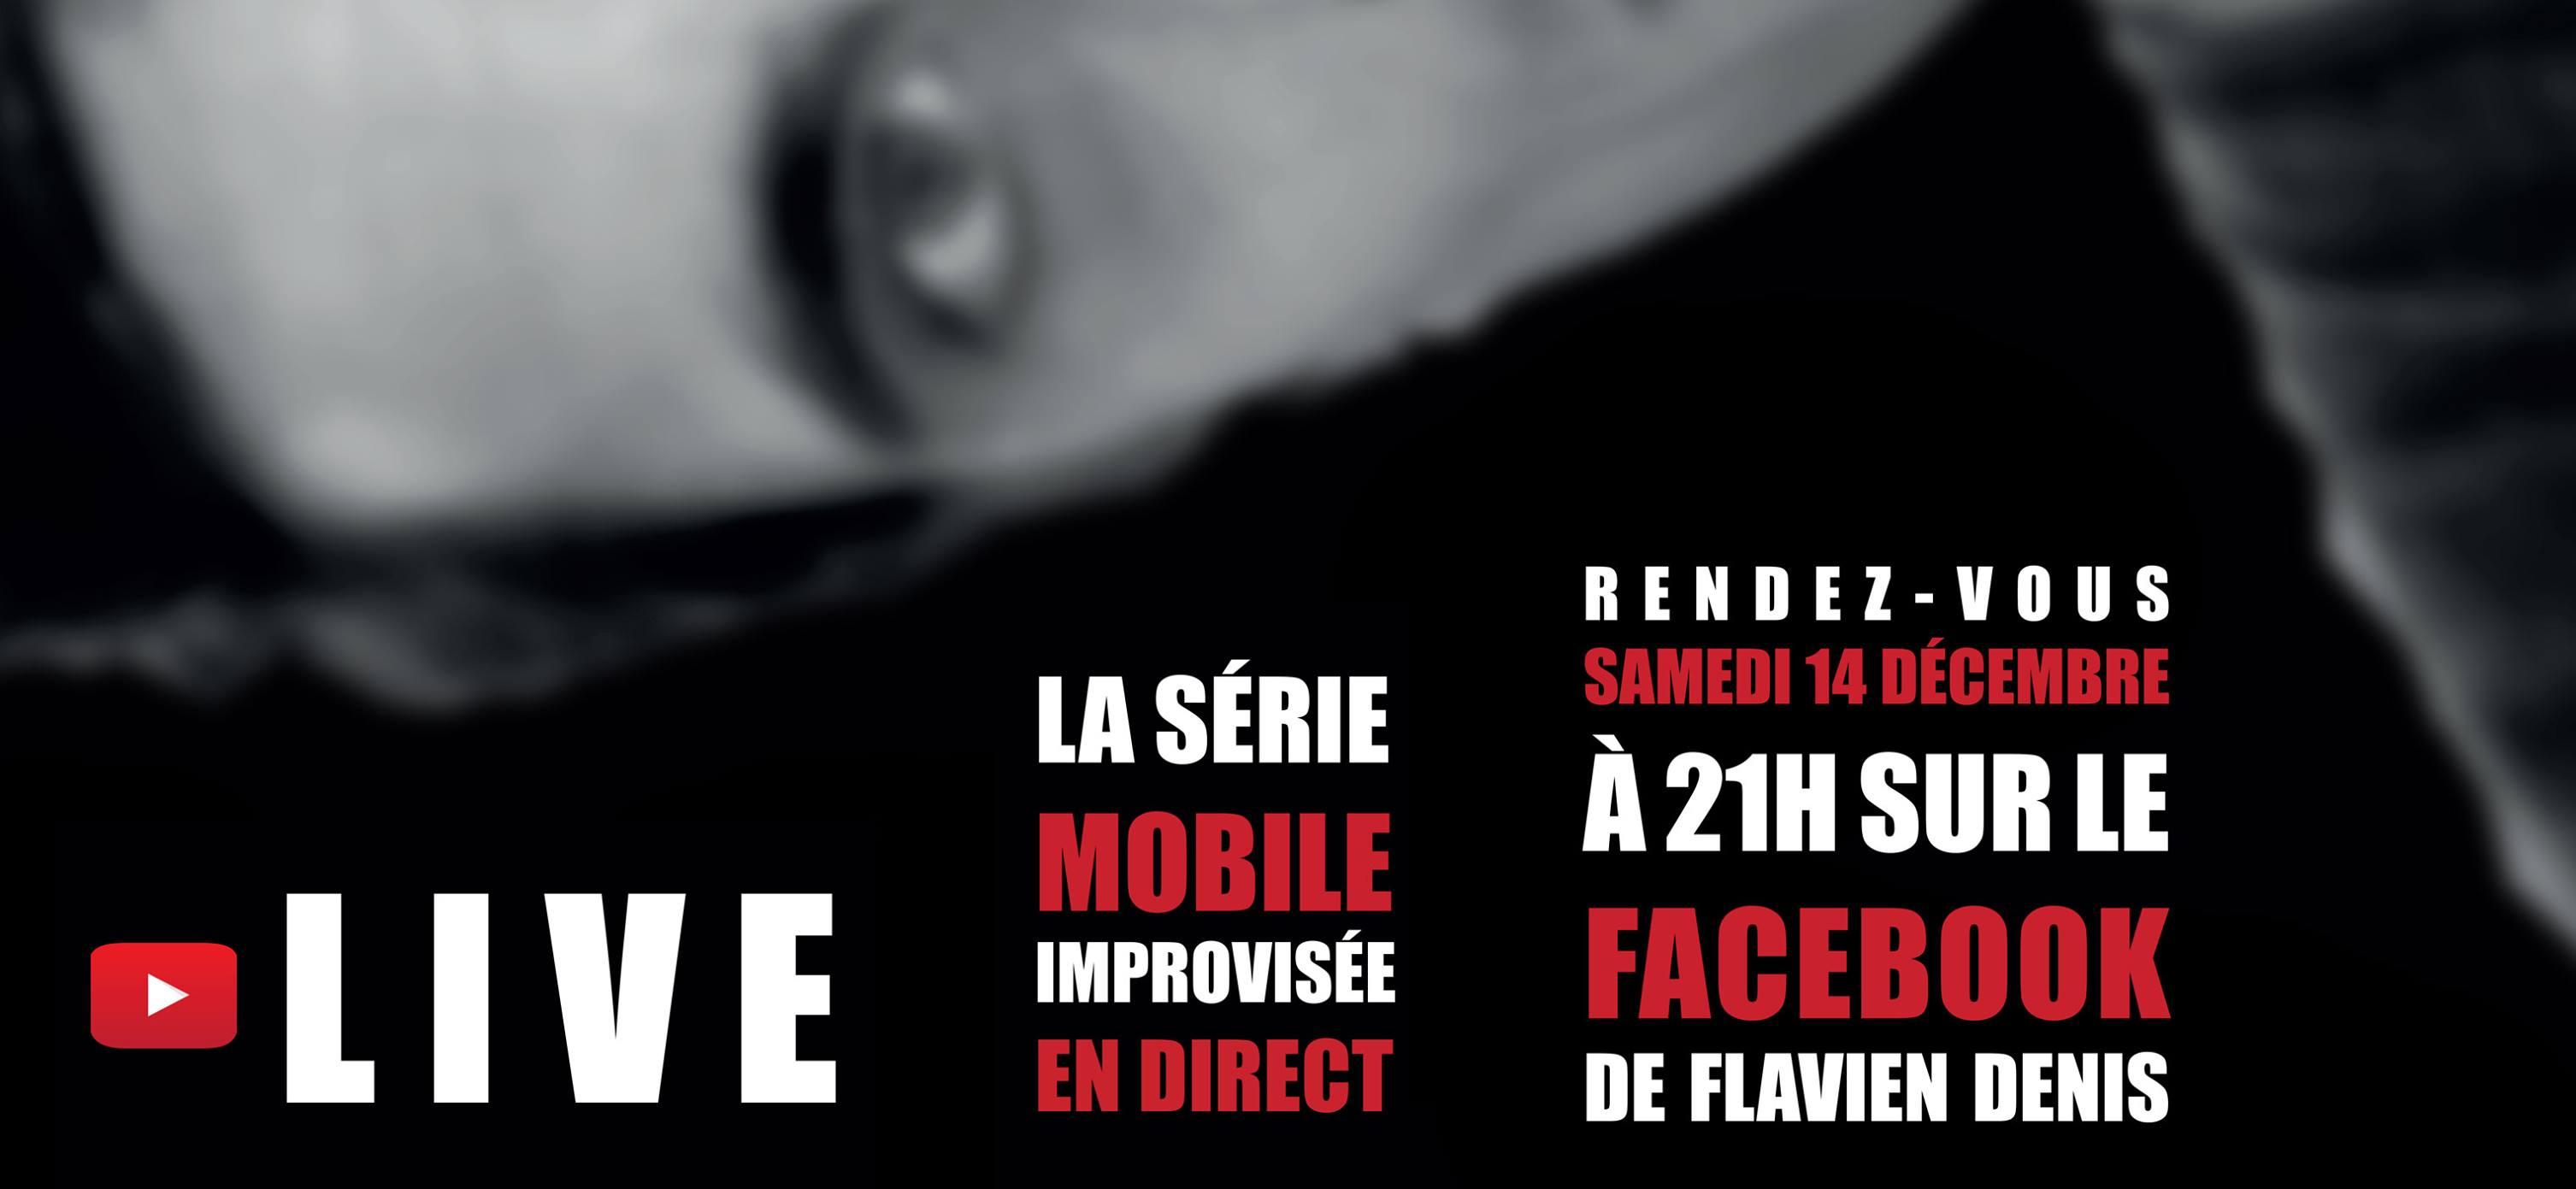 LIVE – la série improvisée en direct sur Facebook